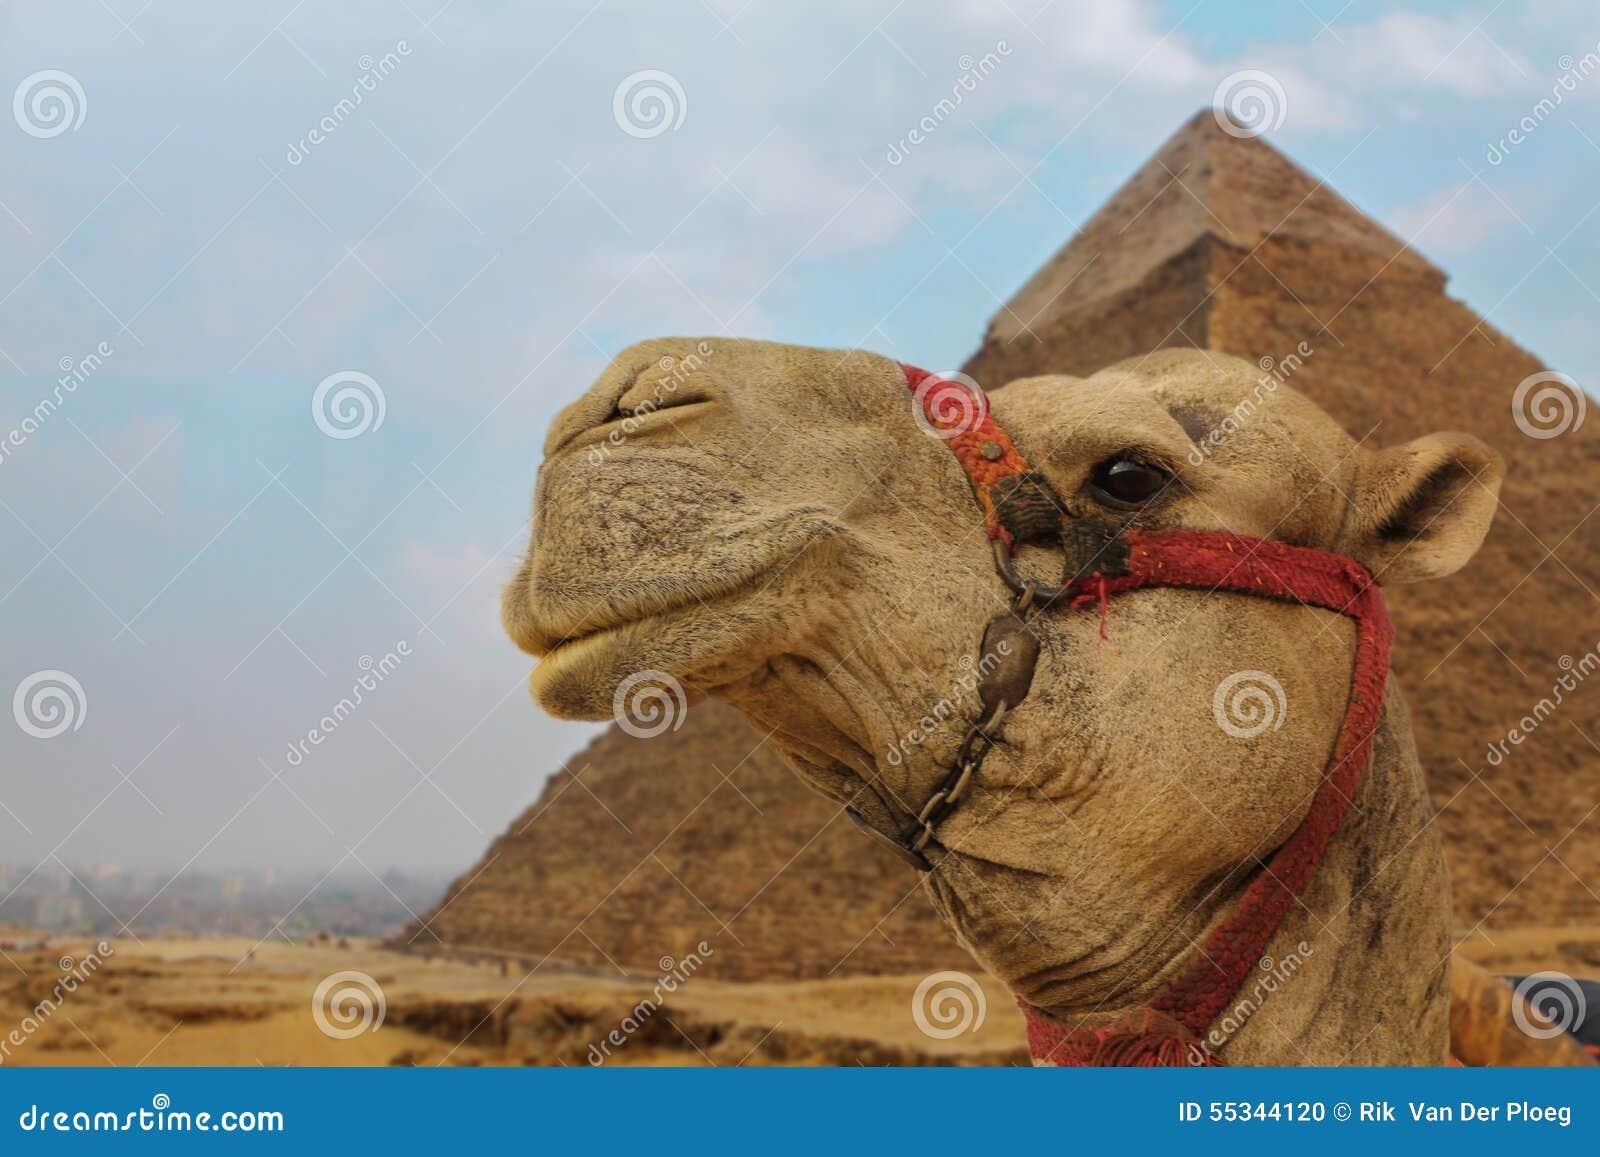 Kamel nahe den Pyramiden, die mit einem Lächeln anstarren